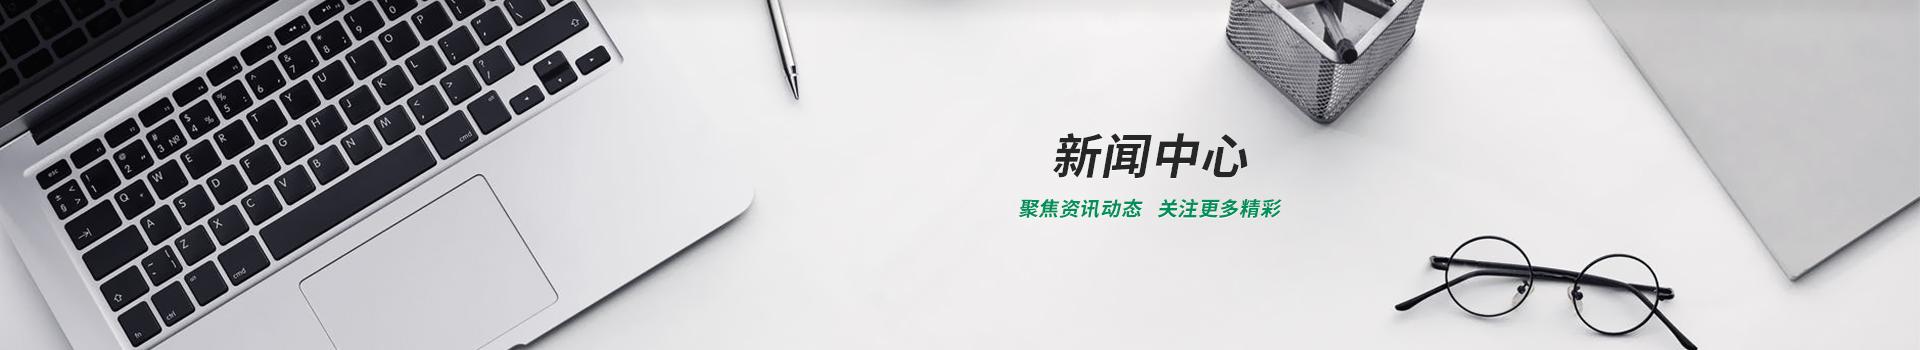 博联新闻中心